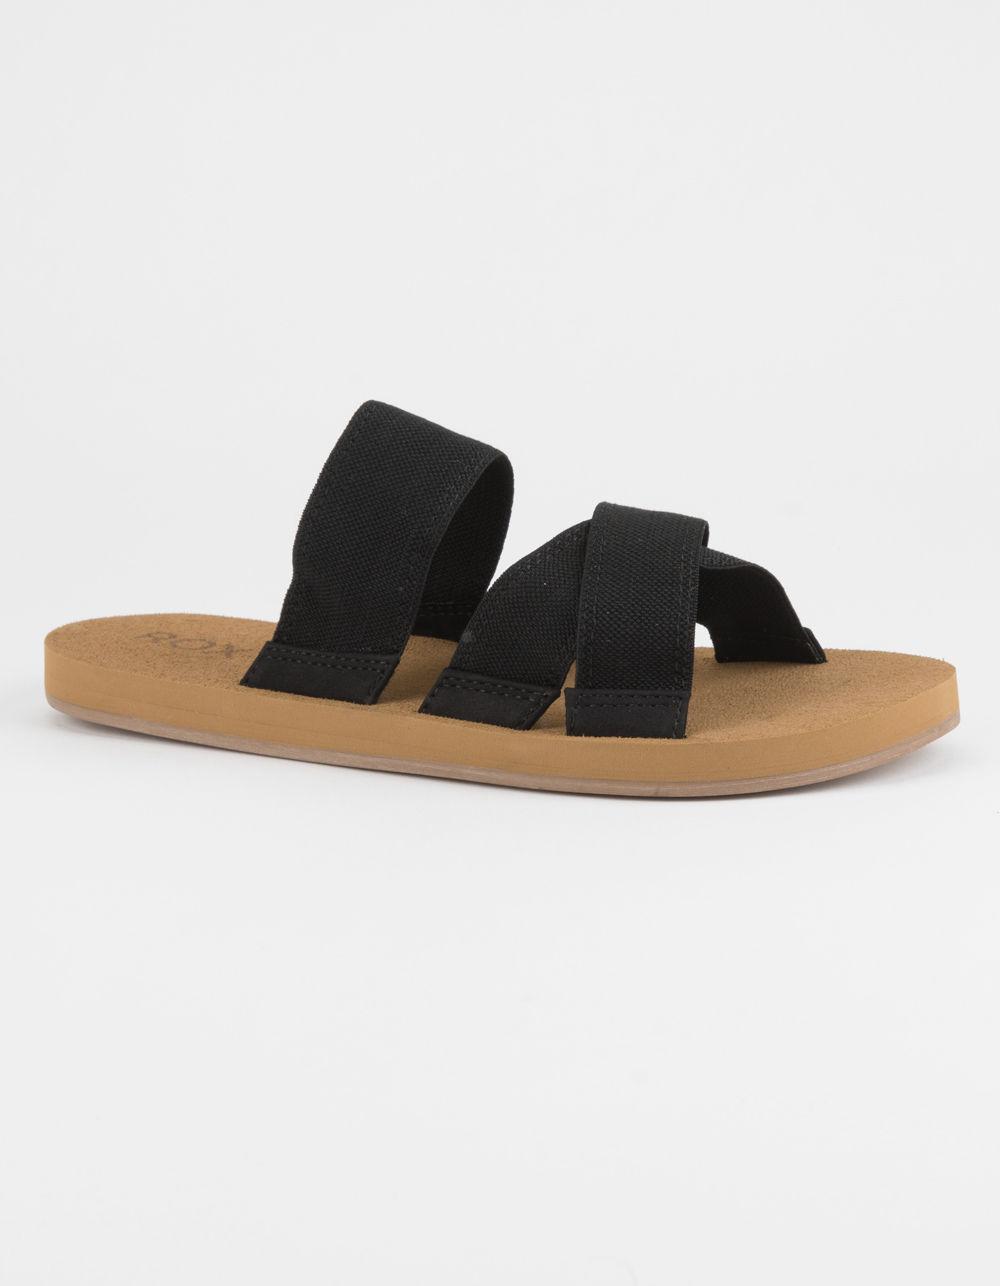 1857f11d067f5c Lyst roxy shoreside black womens sandals in black jpg 1000x1286 Roxy womens  slippers